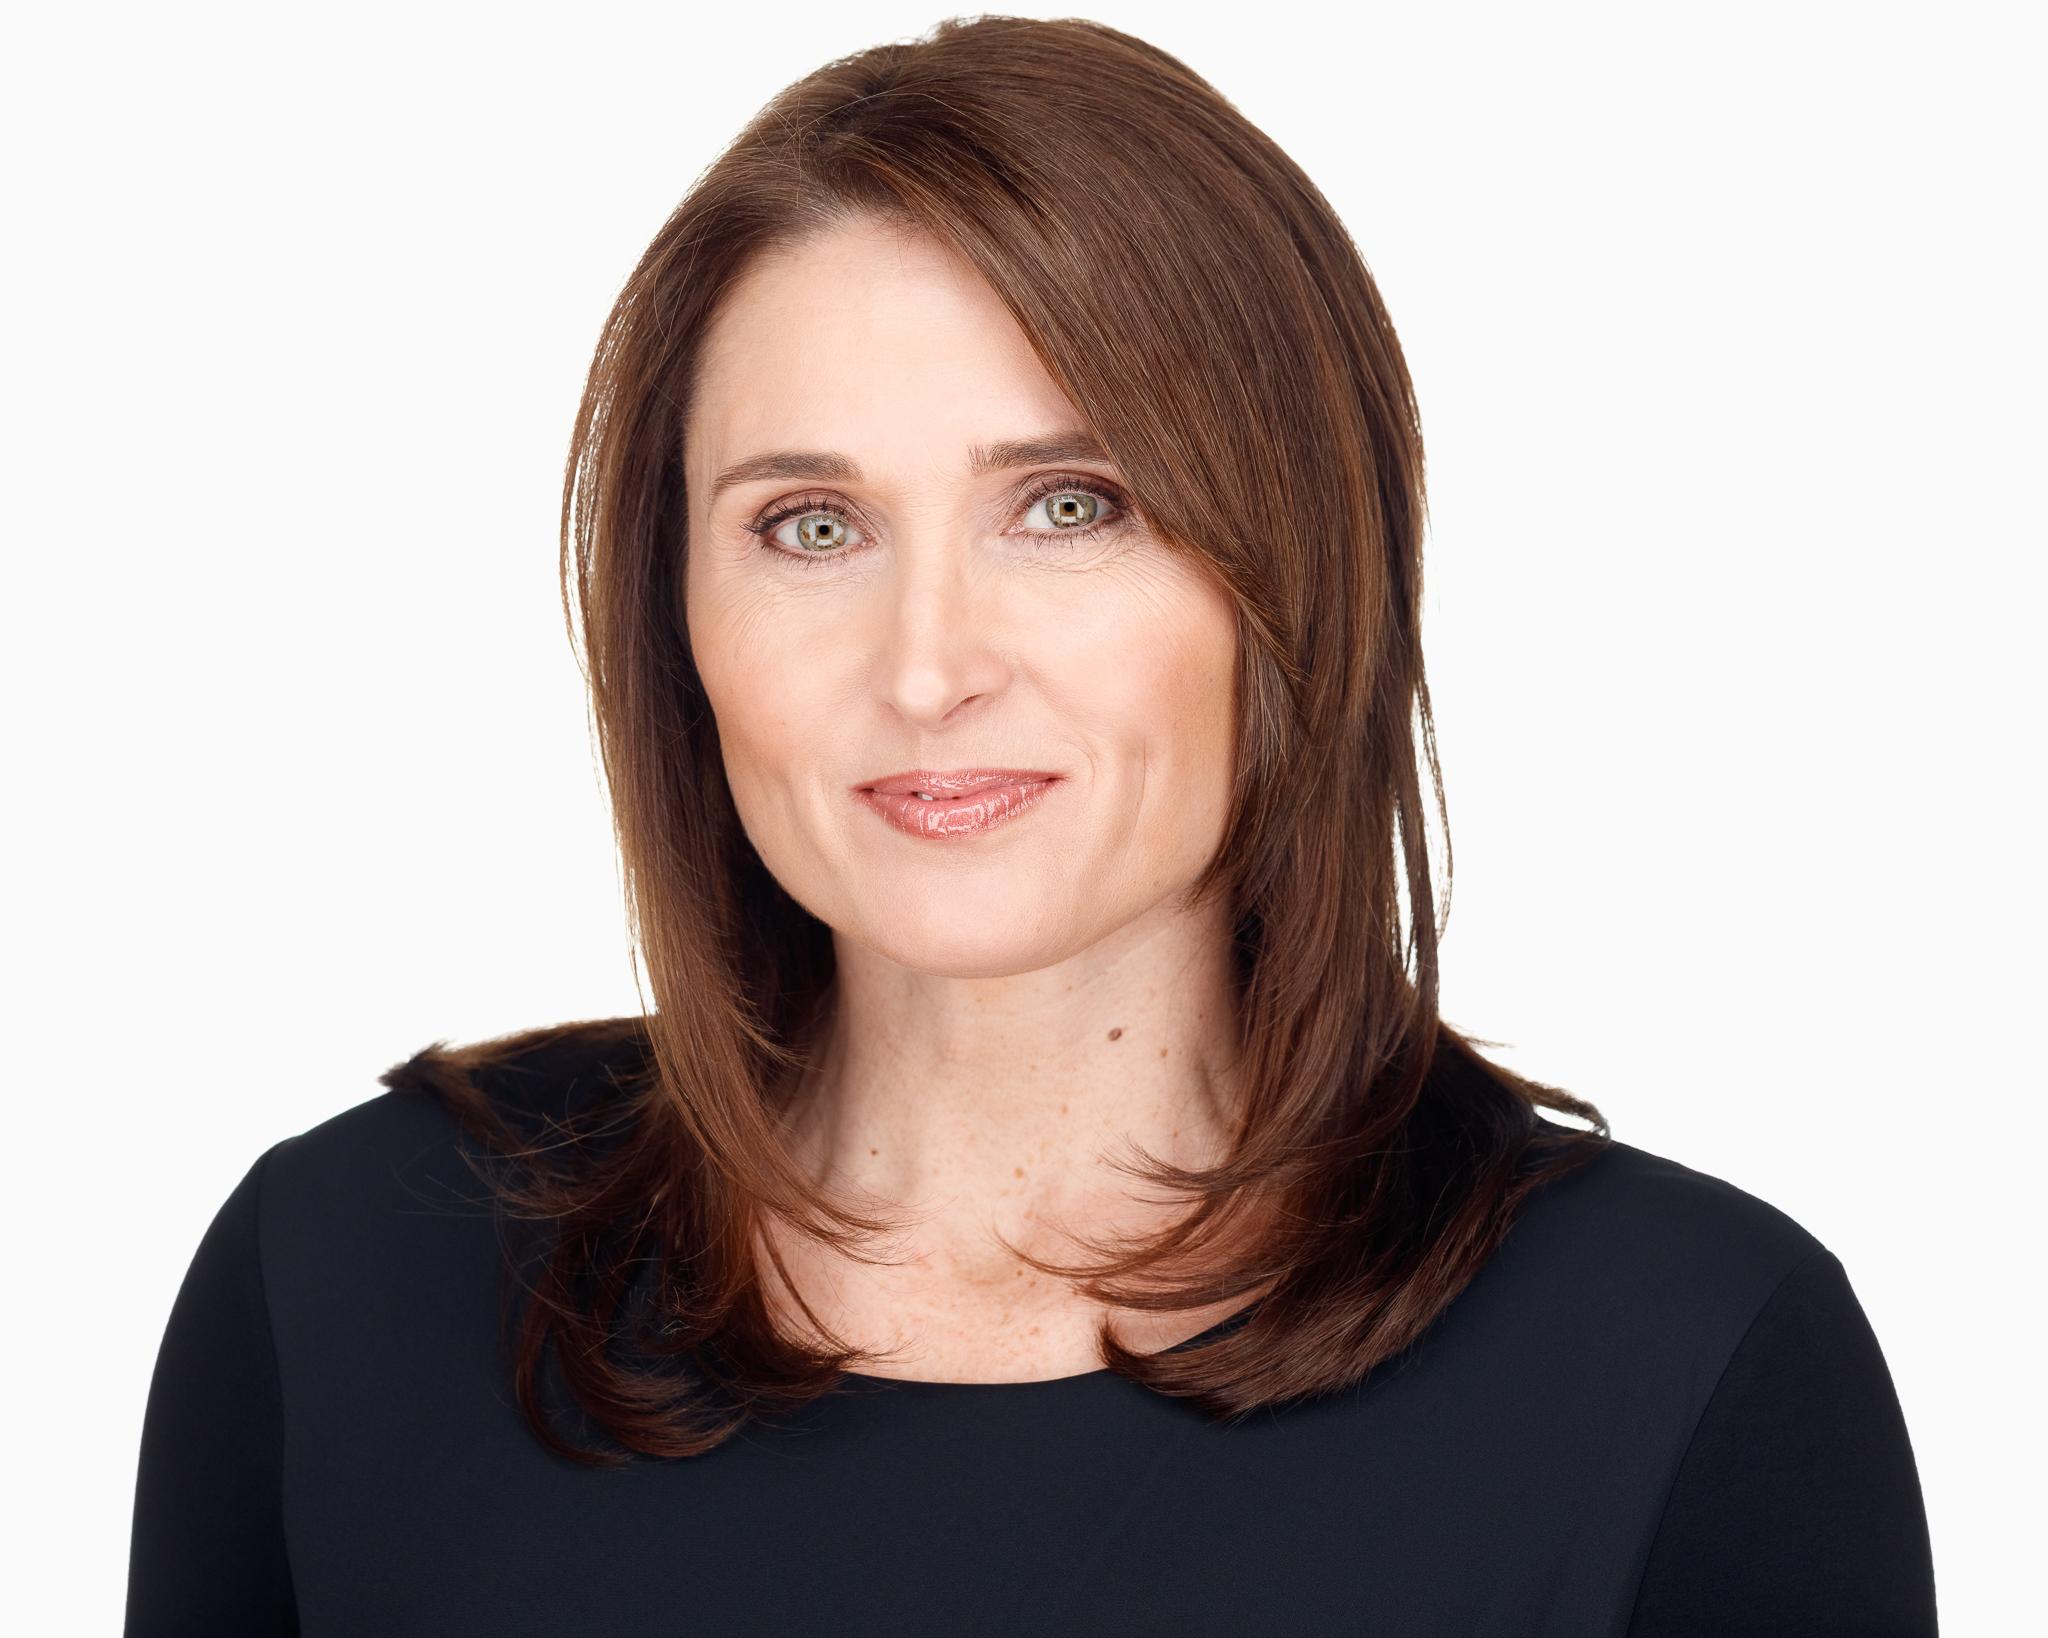 Christine Tomasik